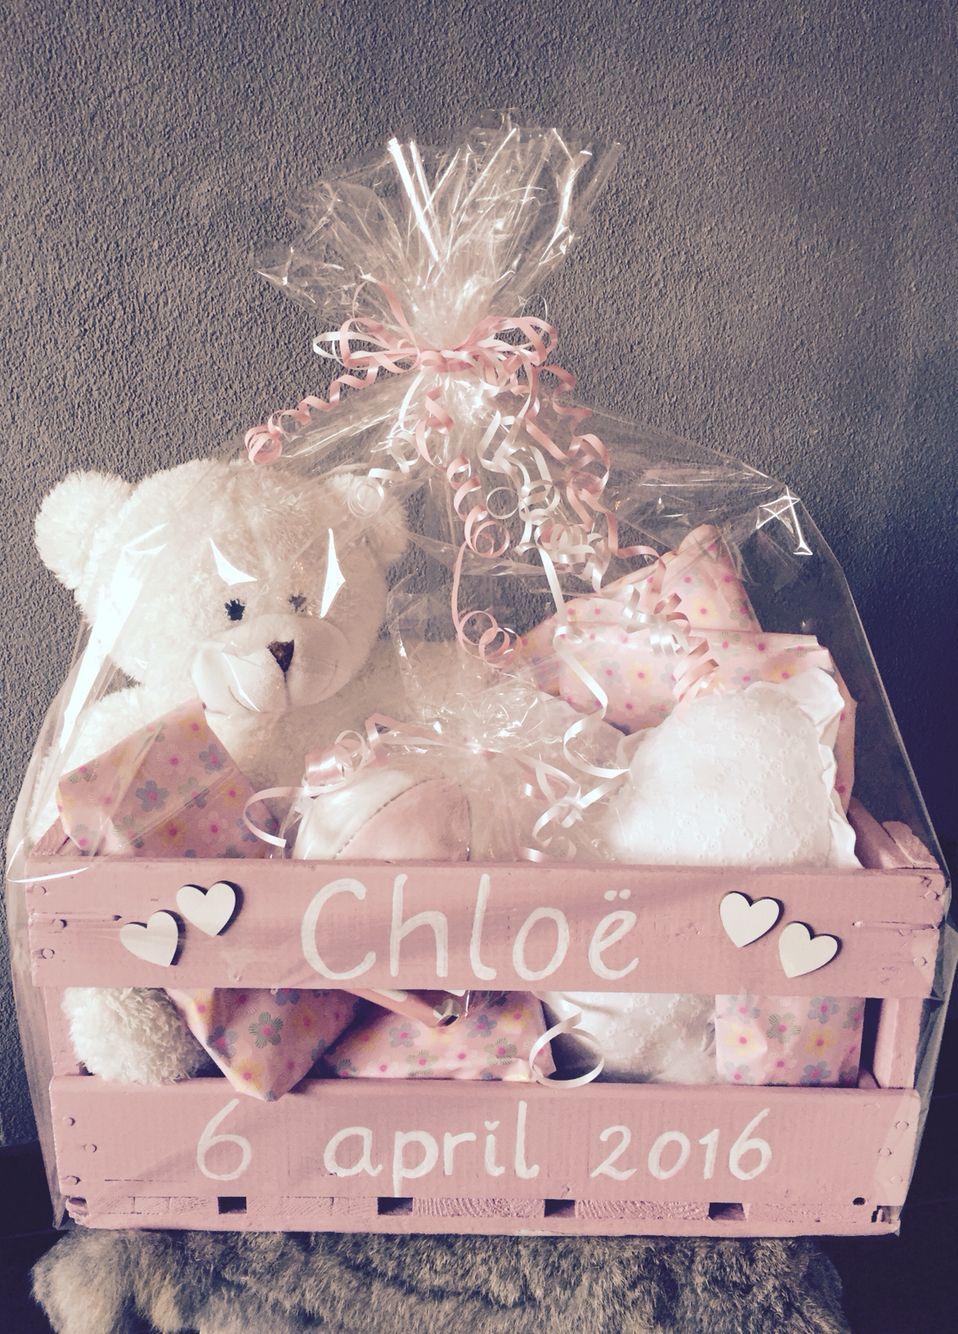 Geschenke Kiste Zur Geburt Von Den Besten Freunden Geschenke